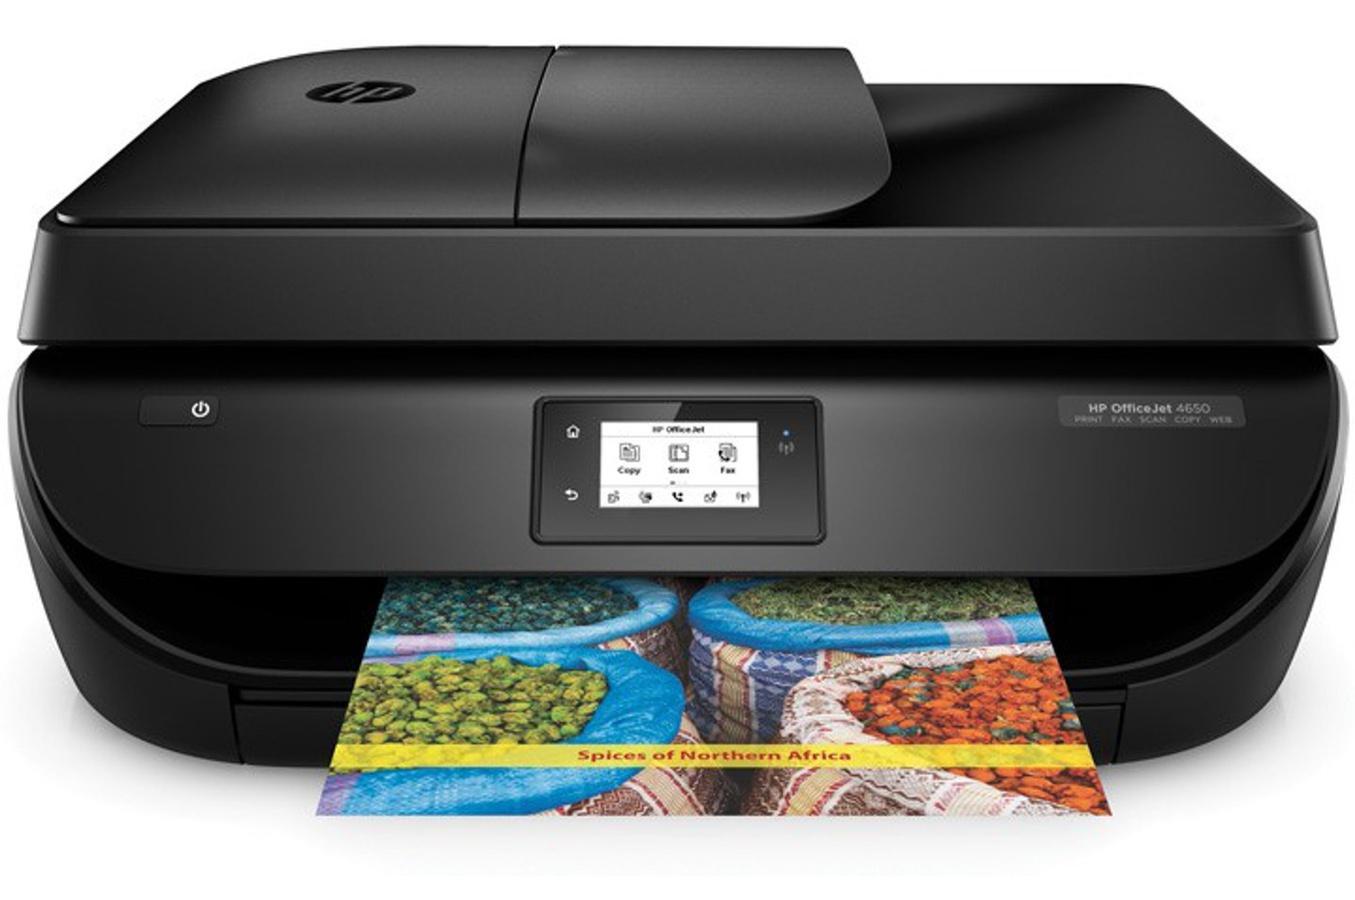 Imprimante jet d'encre HP Office Jet 4650